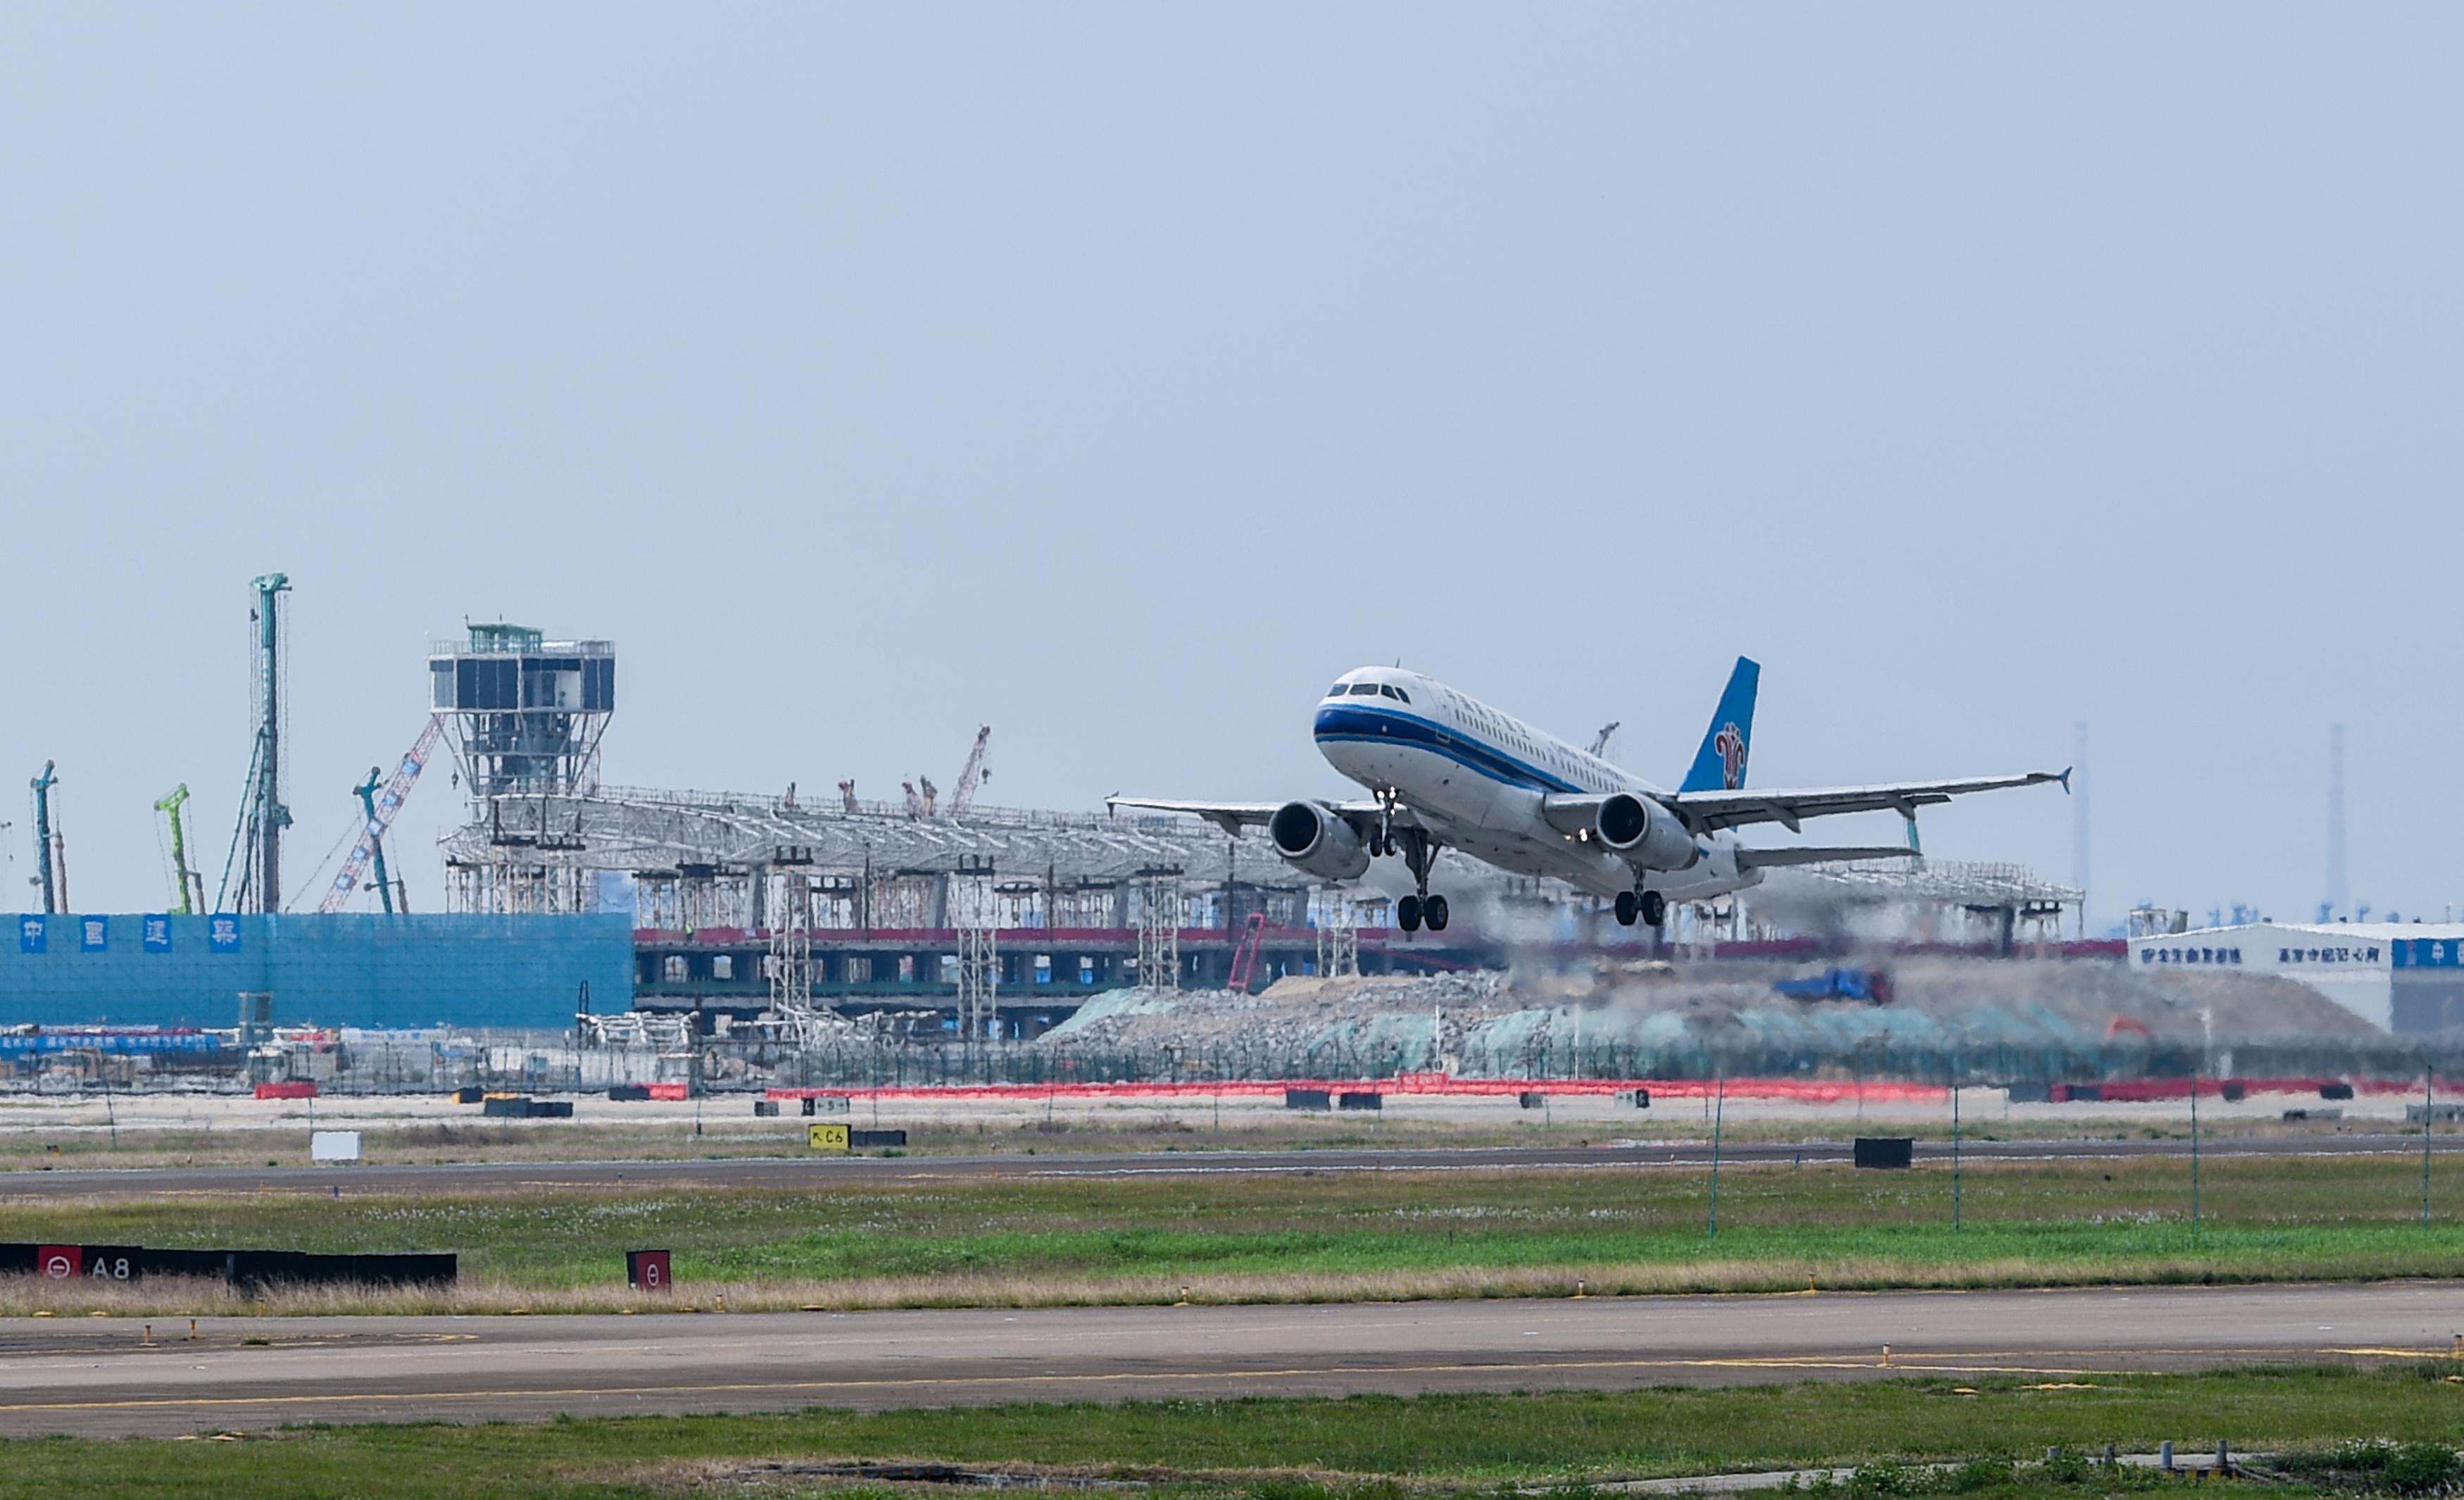 深圳机场陆续恢复航班运营